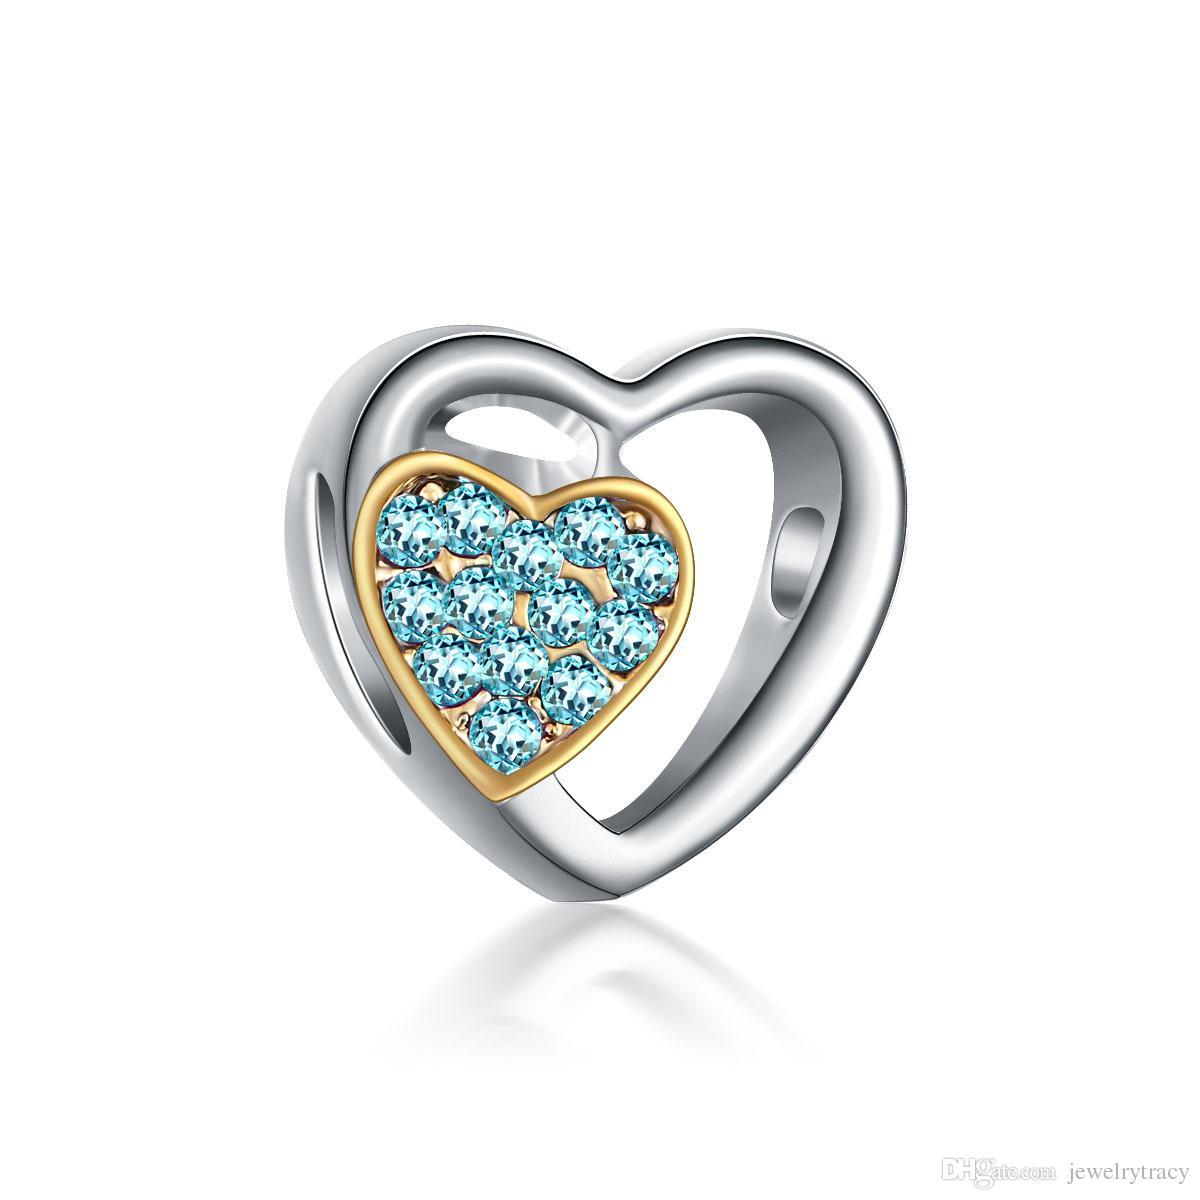 Alaşım kalp sakalları Çift renk dubleks büyük posta göz aksesuarları pandora charm bilezik Retro boncuklu bilezik için fit